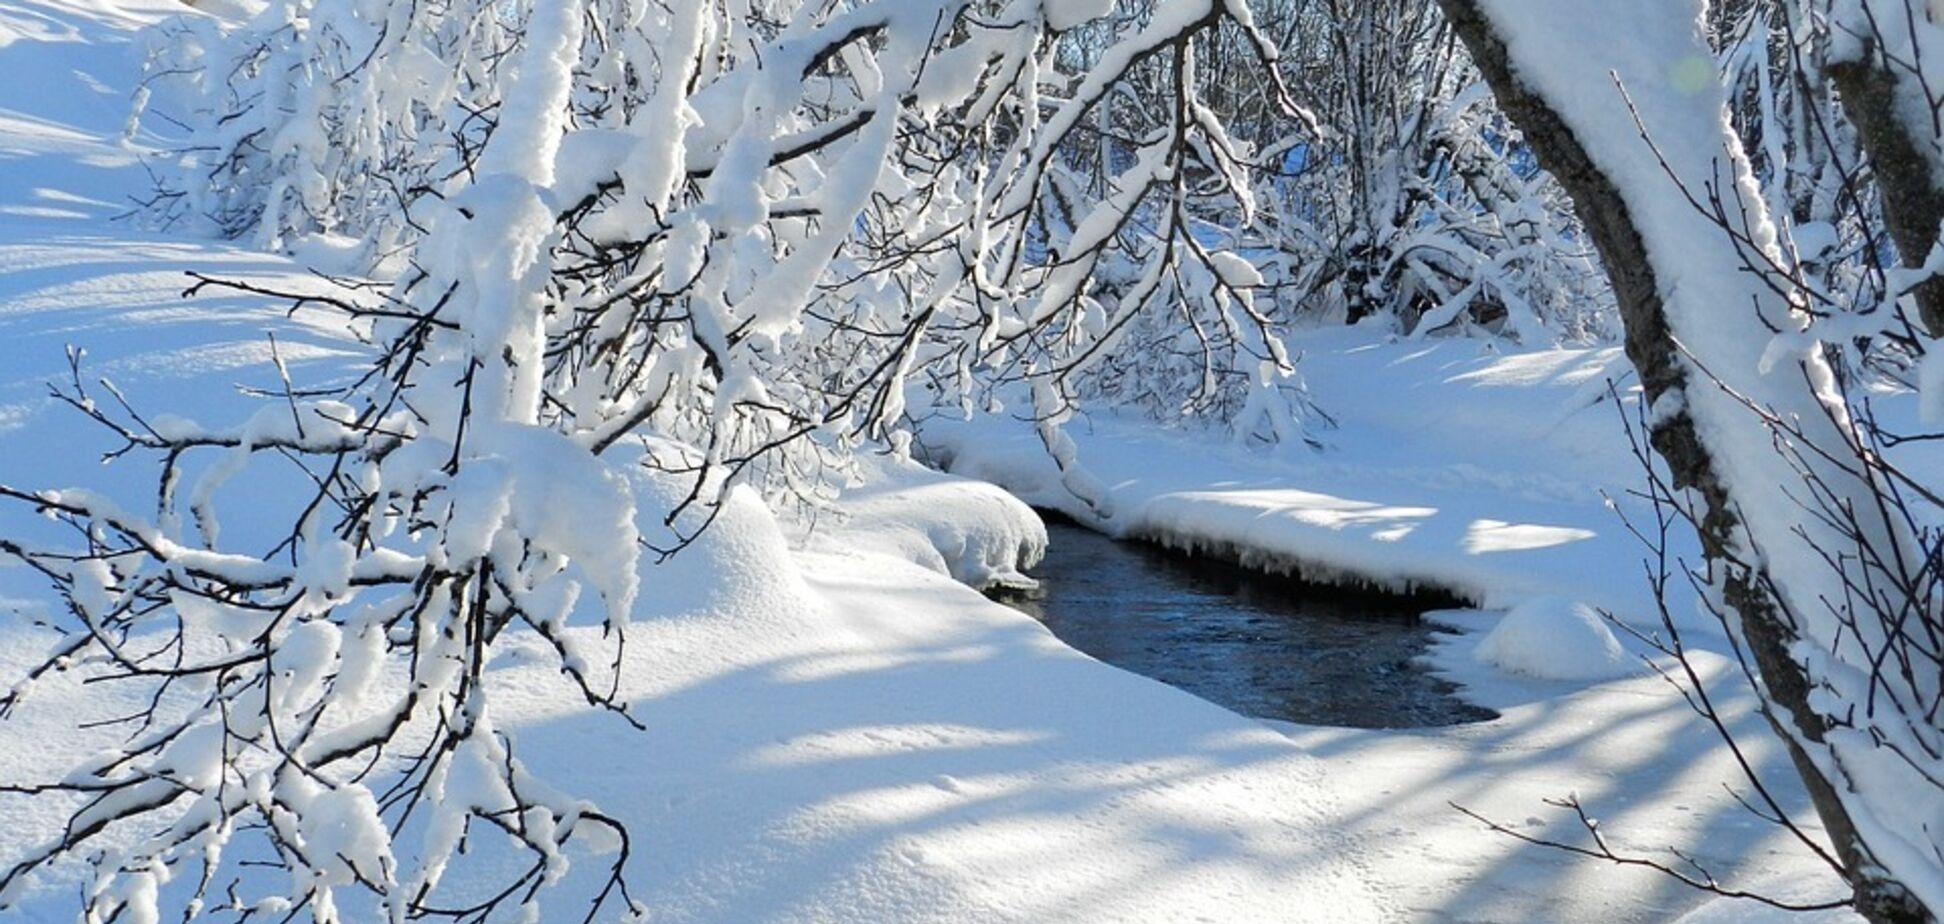 Ударит -23: синоптики испугали холодным прогнозом для Украины